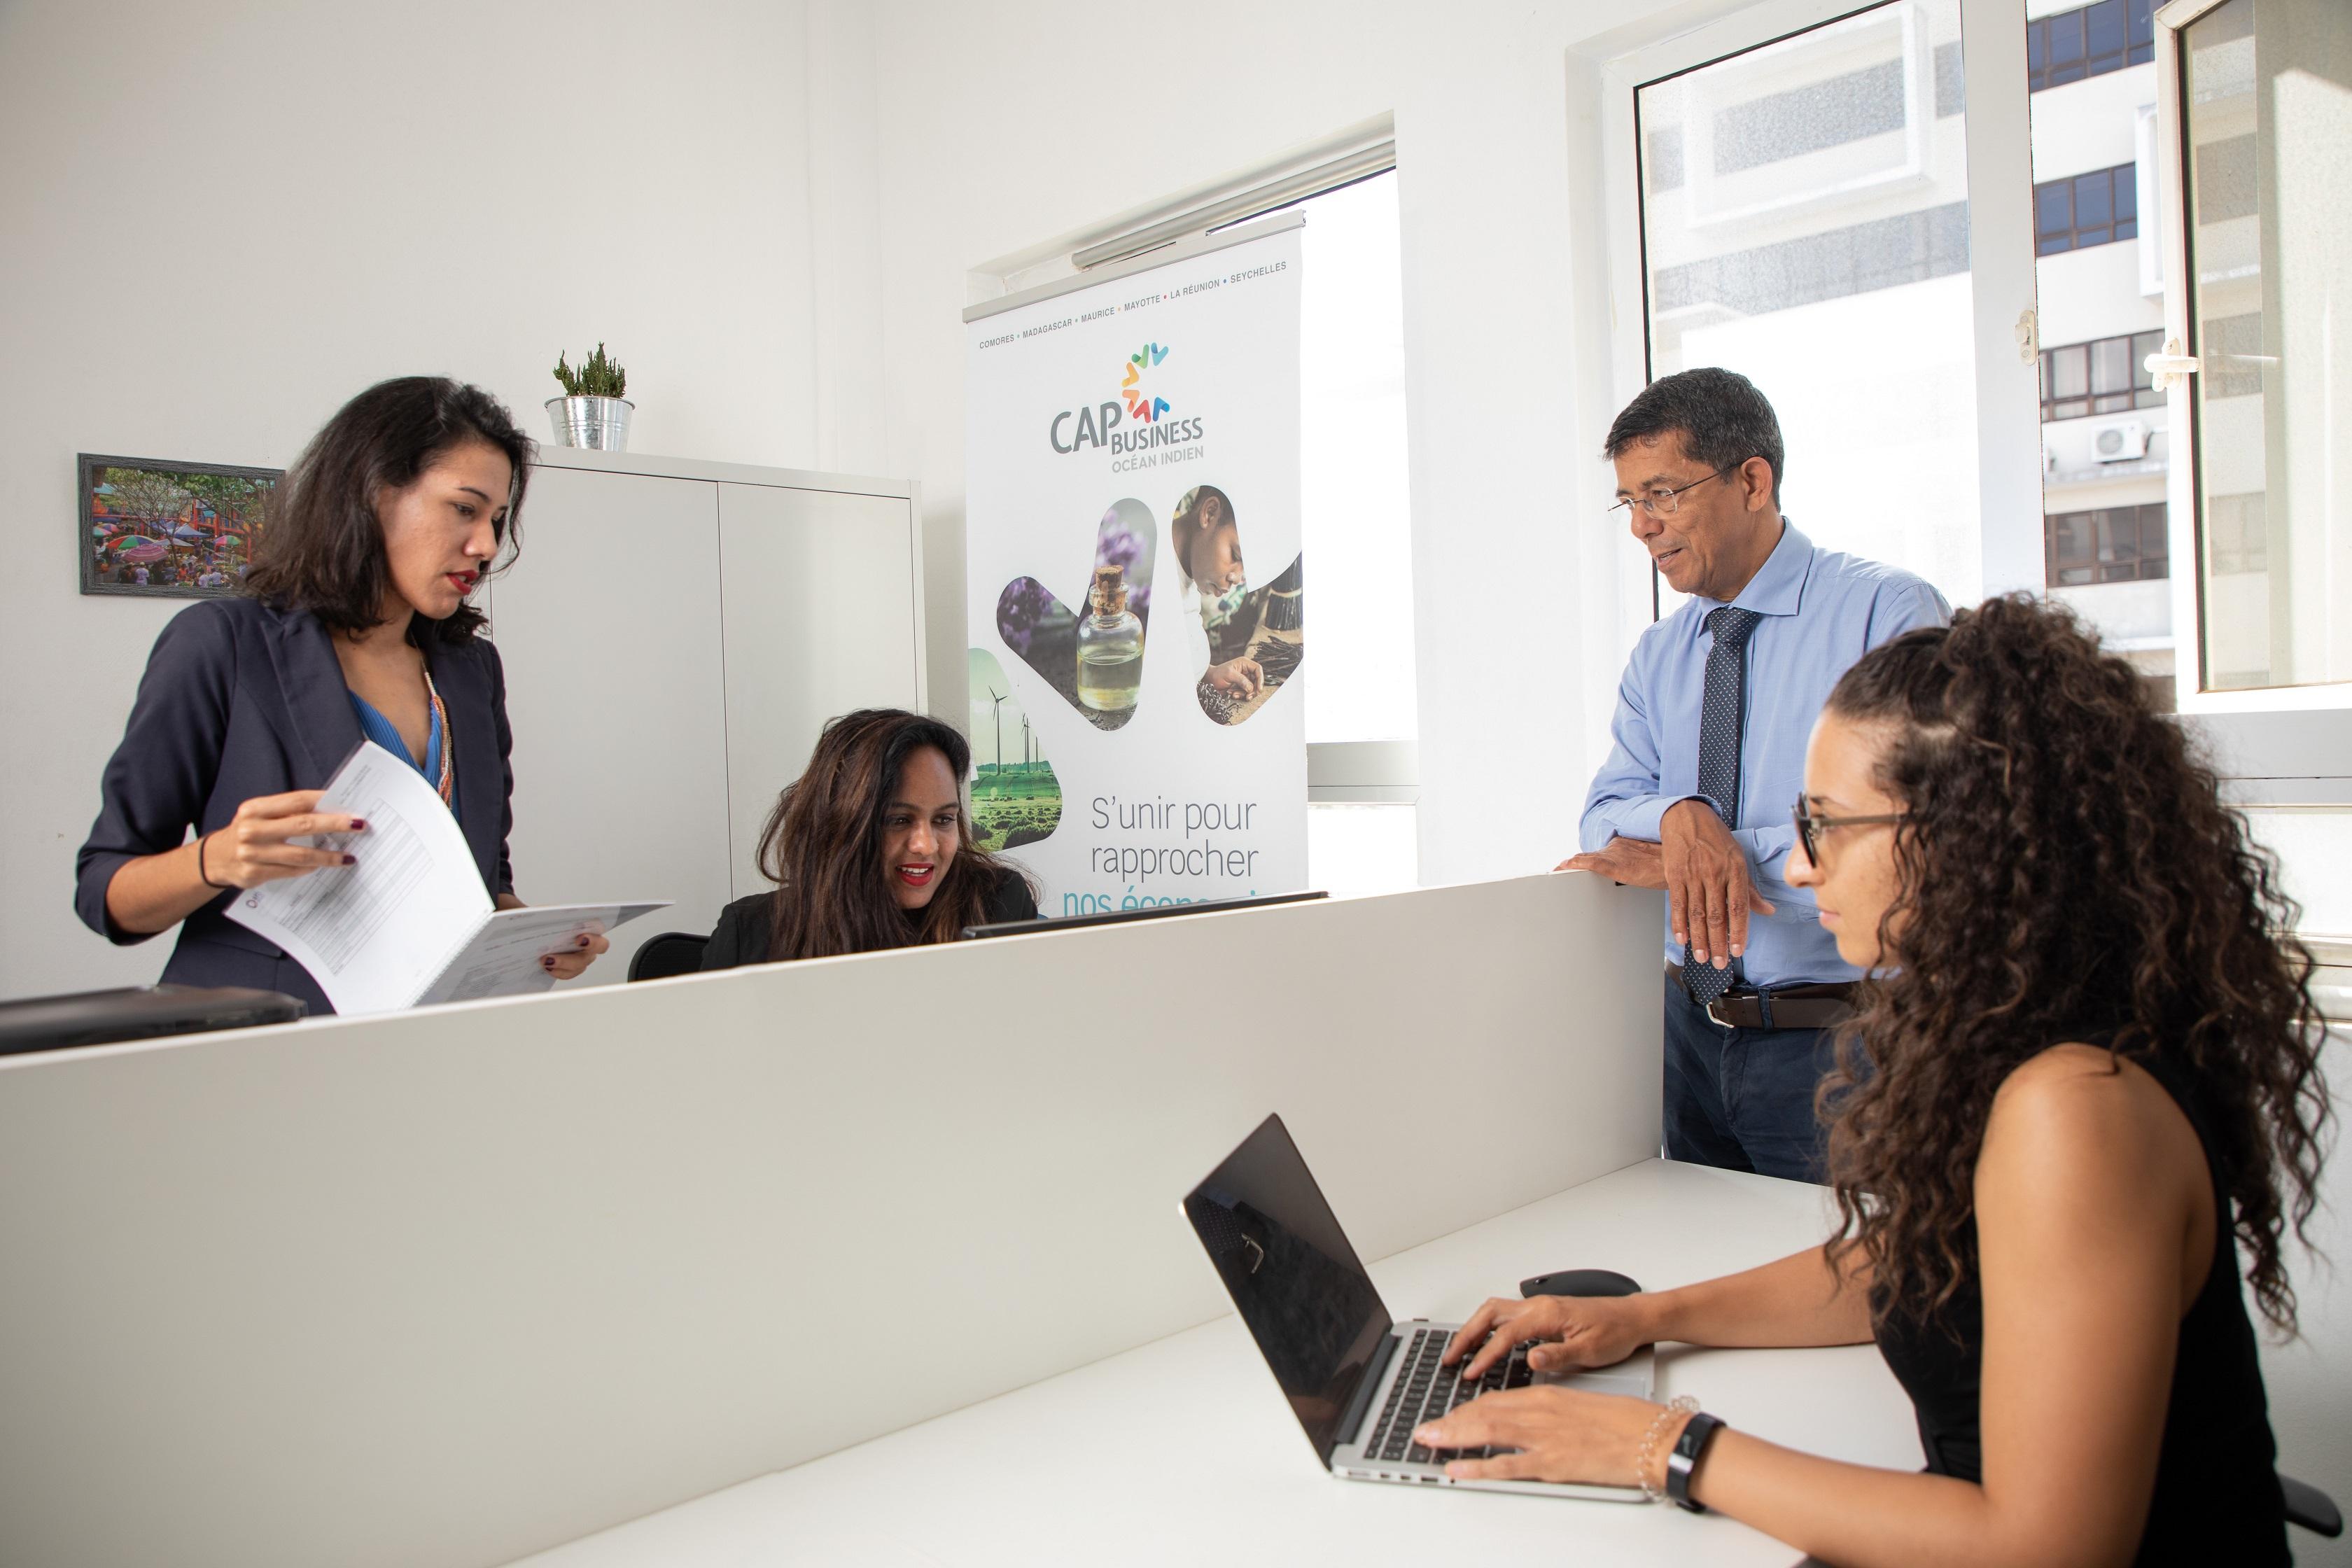 Éric Magamootoo, Secrétaire général de Cap Business Océan Indien en séance de briefing avec son équipe. De gauche à droite : Virginie Lauret, Directrice de Programme, Samantha, Comptable/Administrateur, et Johanna Domitile, Chargée de missions Filières régionales.